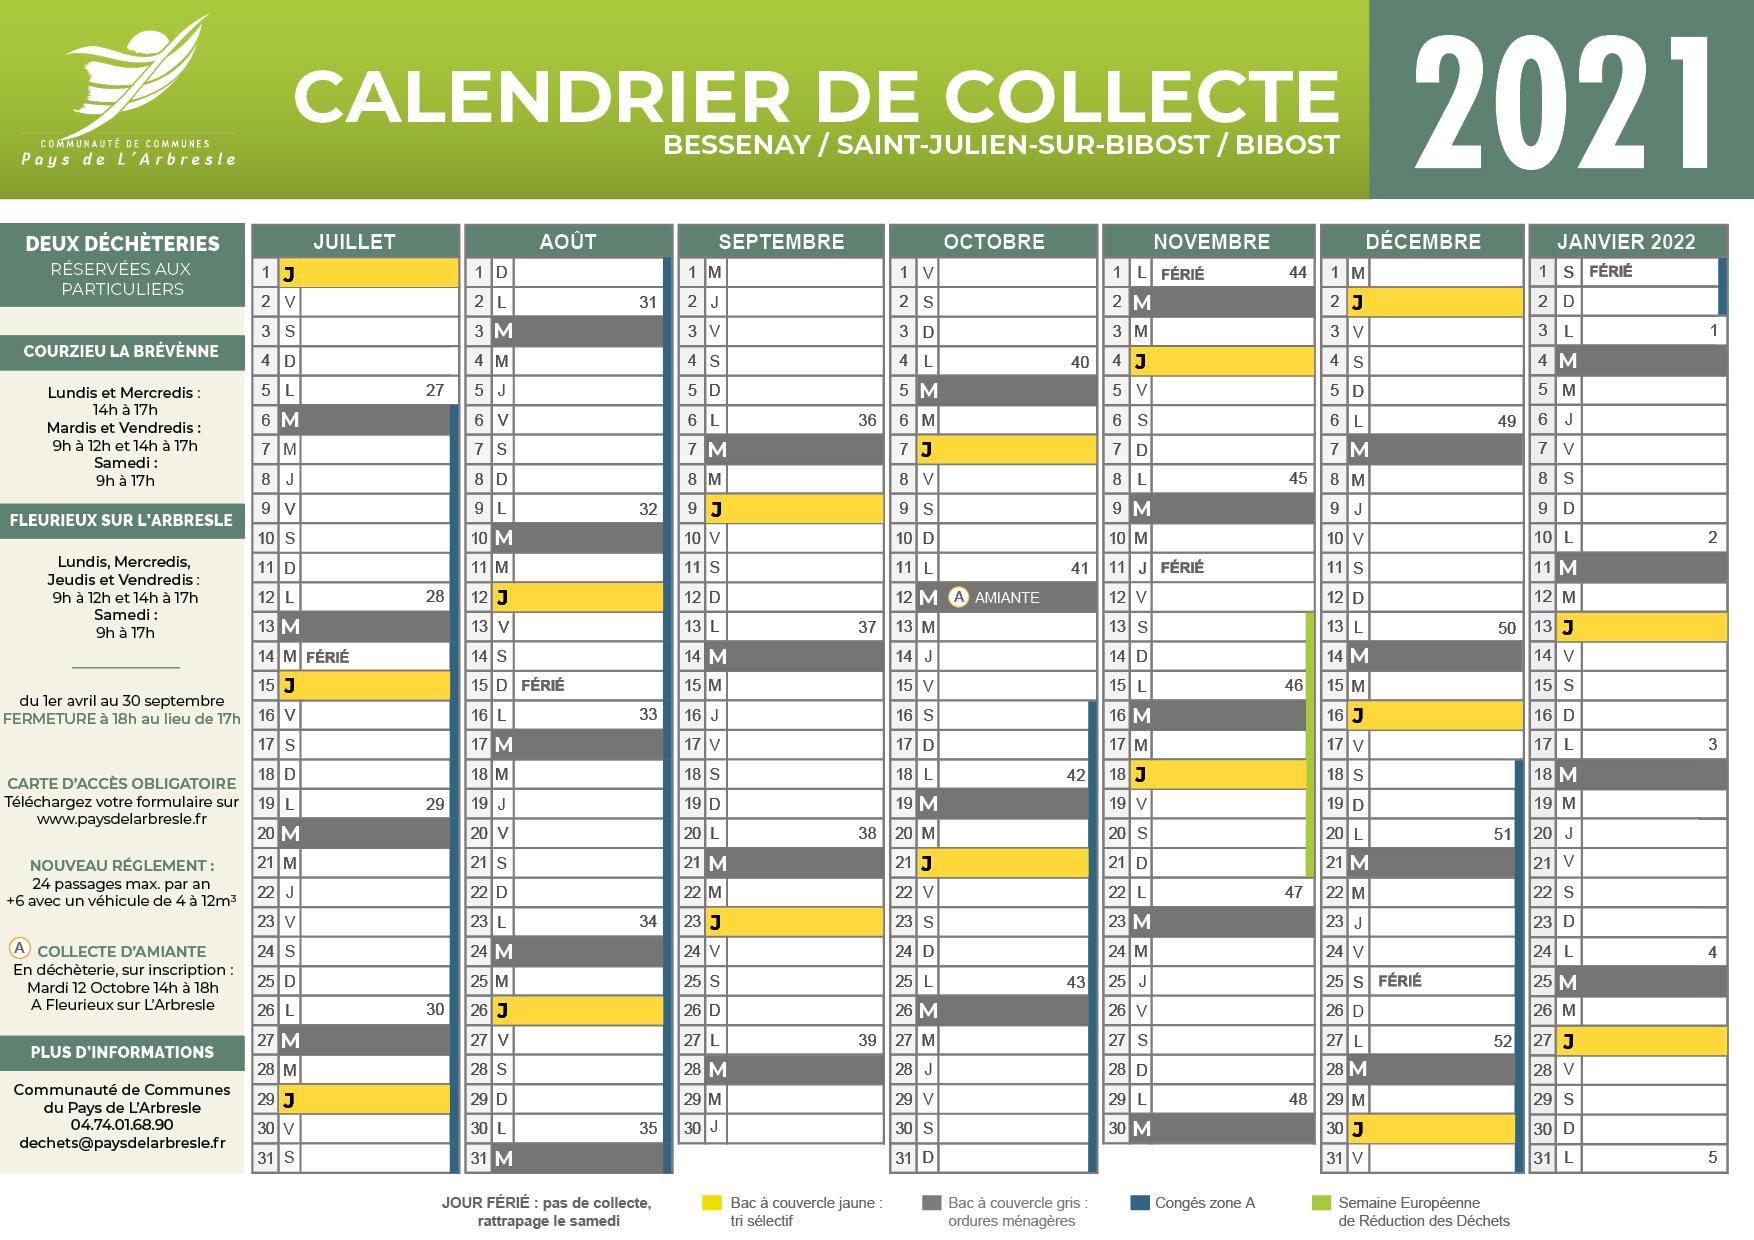 calendrier collect 2021 - BESSENAY - SAINT JULIEN SUR BIBOST - BIBOST2.png